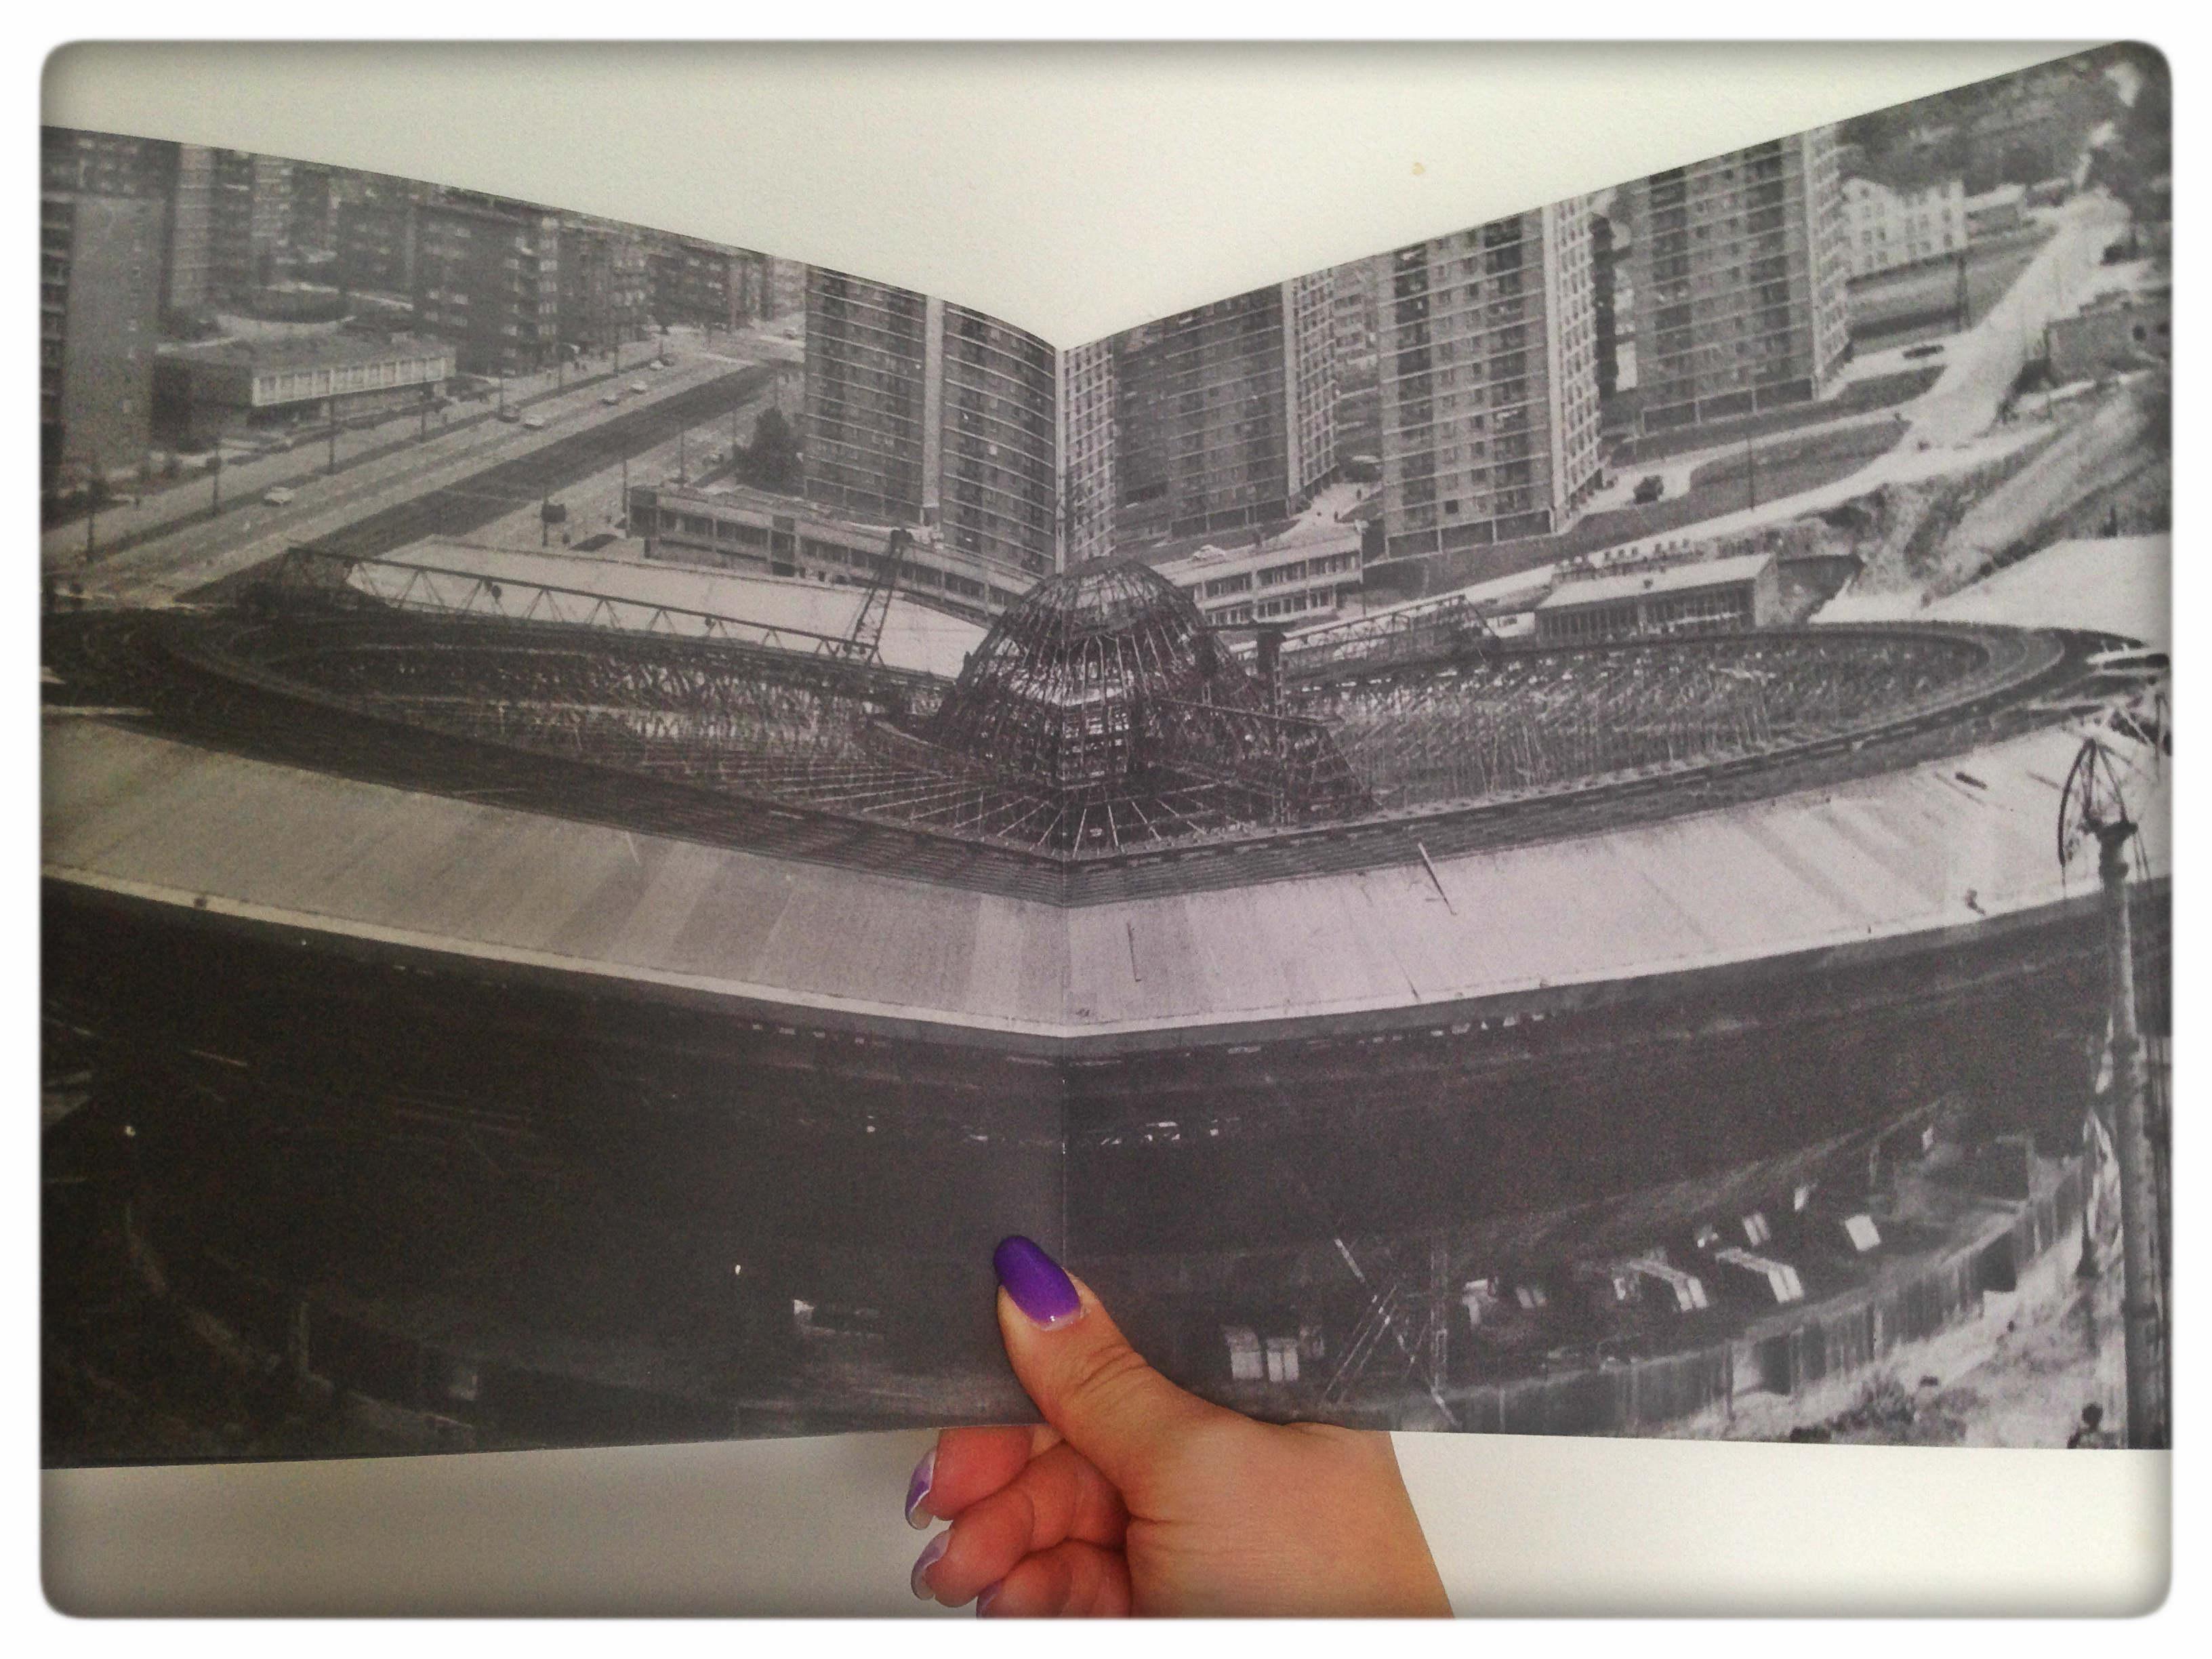 W publikacji wykorzystano archiwalne fotografie miasta